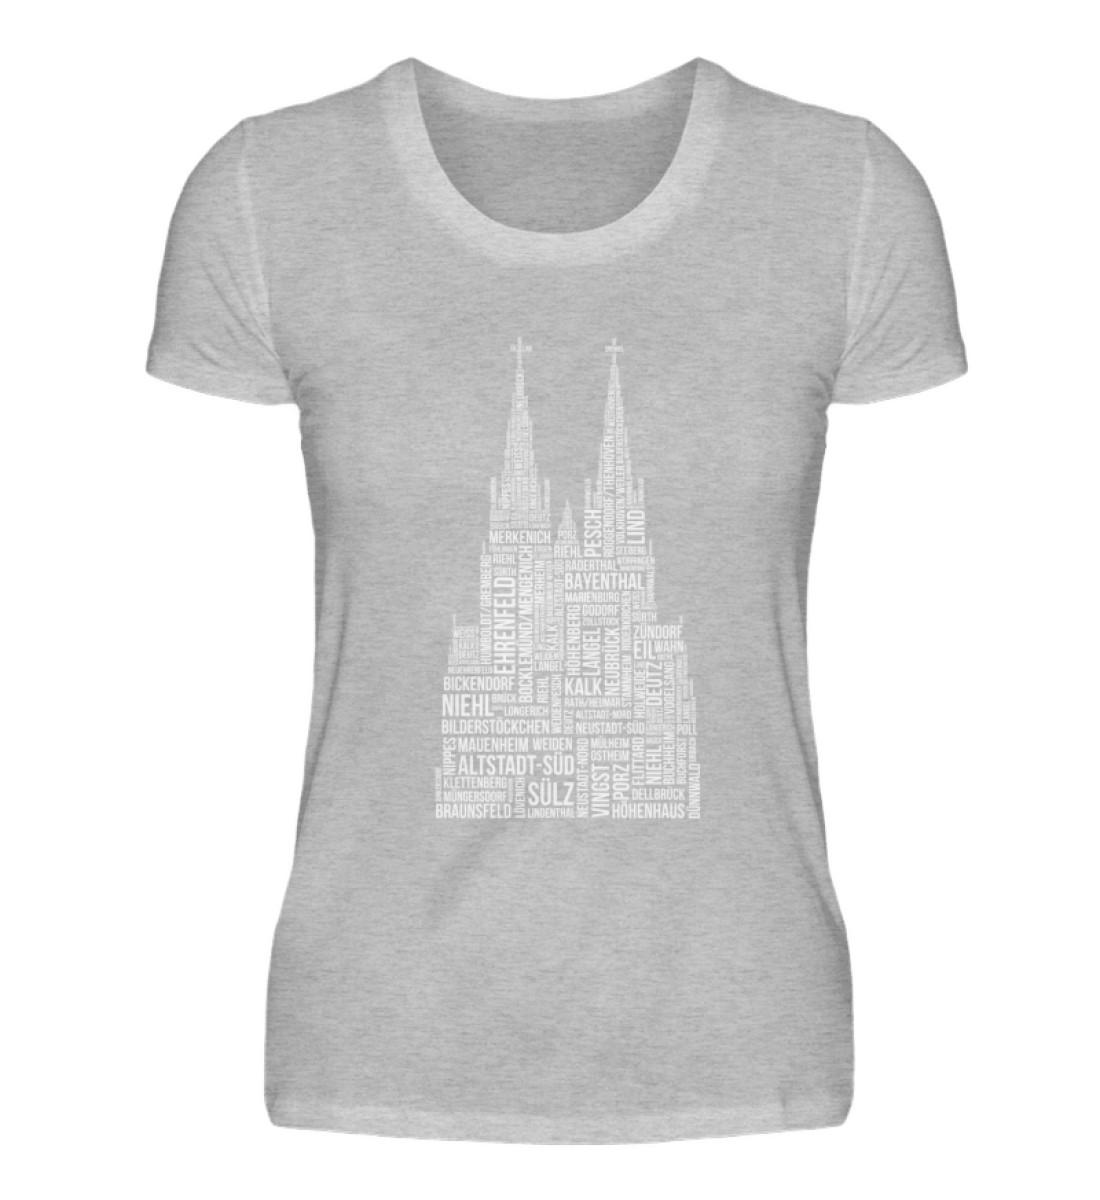 86 Veedel weiß T-Shirt - Damen - Damenshirt-17